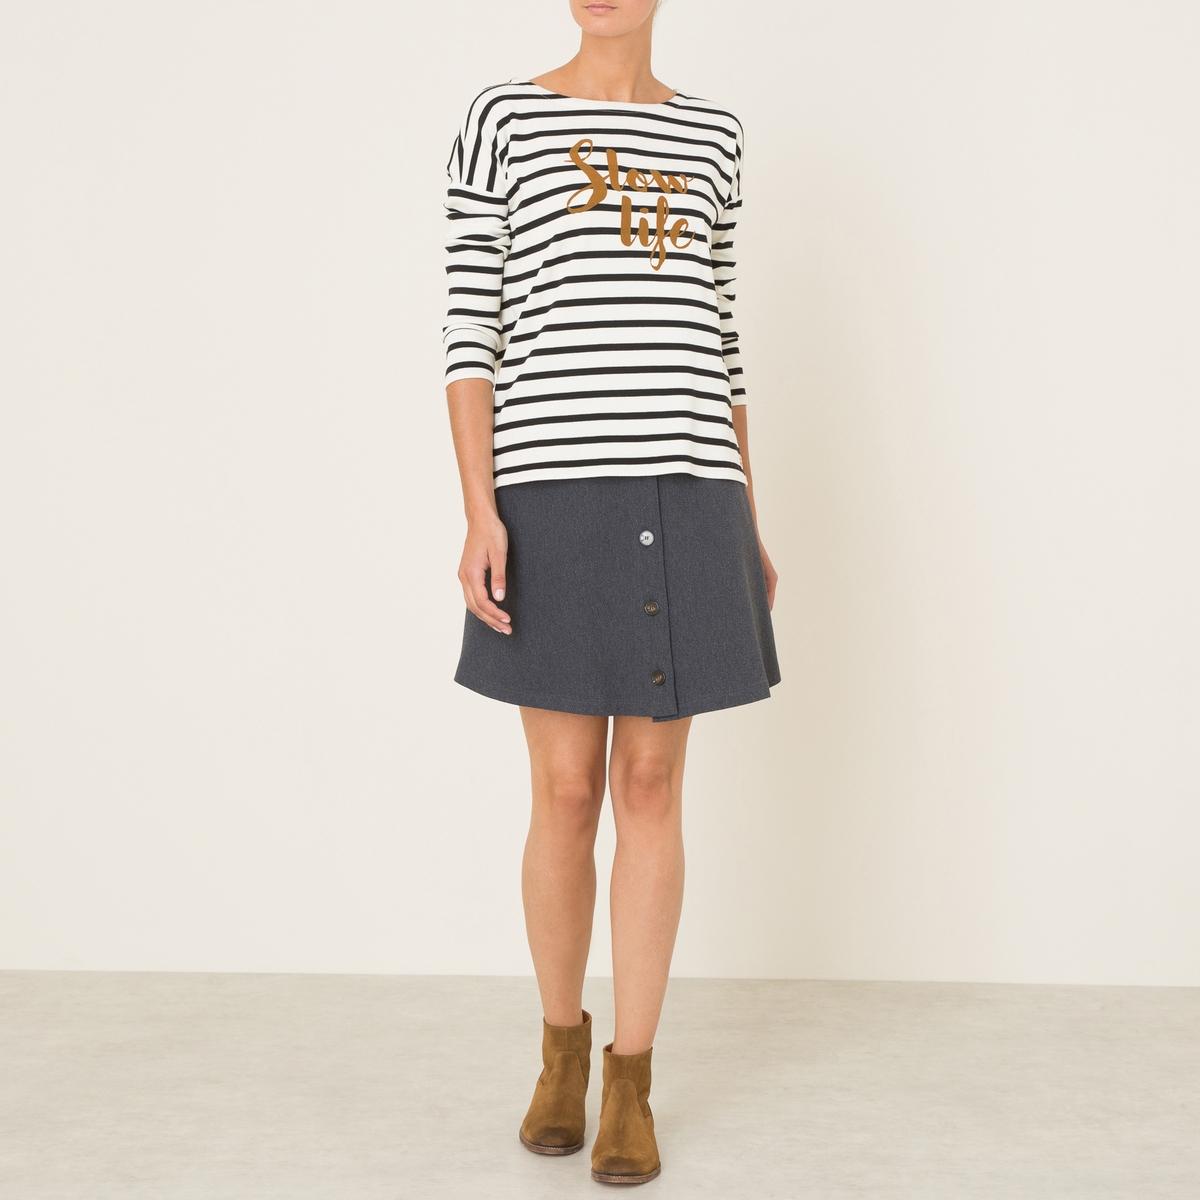 Юбка короткая VIVEKAКороткая юбка HARRIS WILSON - модель VIVEKA. Расклешенная юбка из хлопкового драпа. Вставка на поясе. Застёжка на пуговицы спереди. 2 косых кармана.Состав и описание Материал : 99% хлопка, 1% эластанаМарка : HARRIS WILSON<br><br>Цвет: серый<br>Размер: S